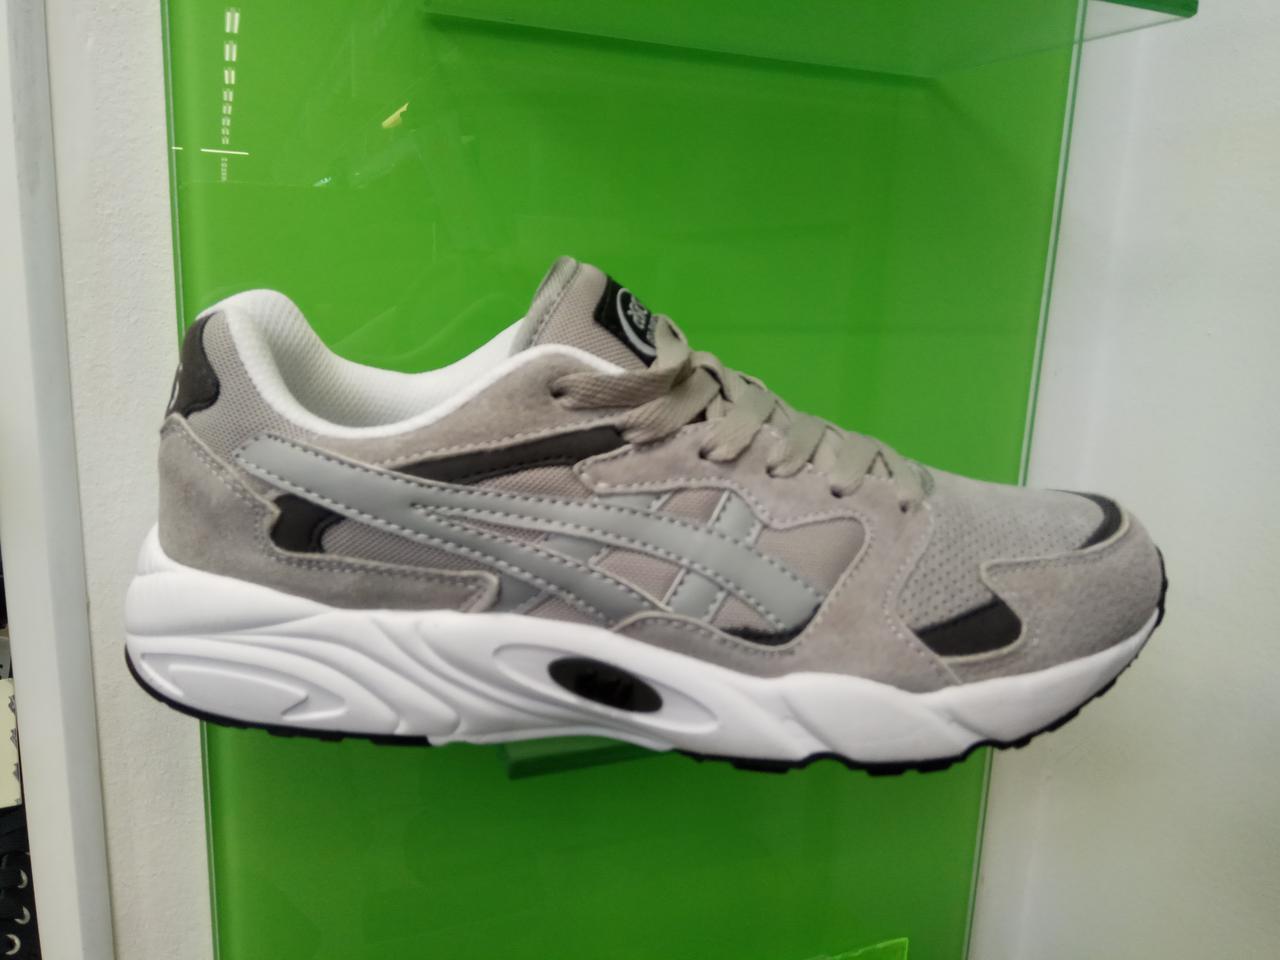 Мужские кроссовки Asics gel- diablo серые - Интернет магазин krossovkiweb. kiev.ua в cd8d9722f0f34